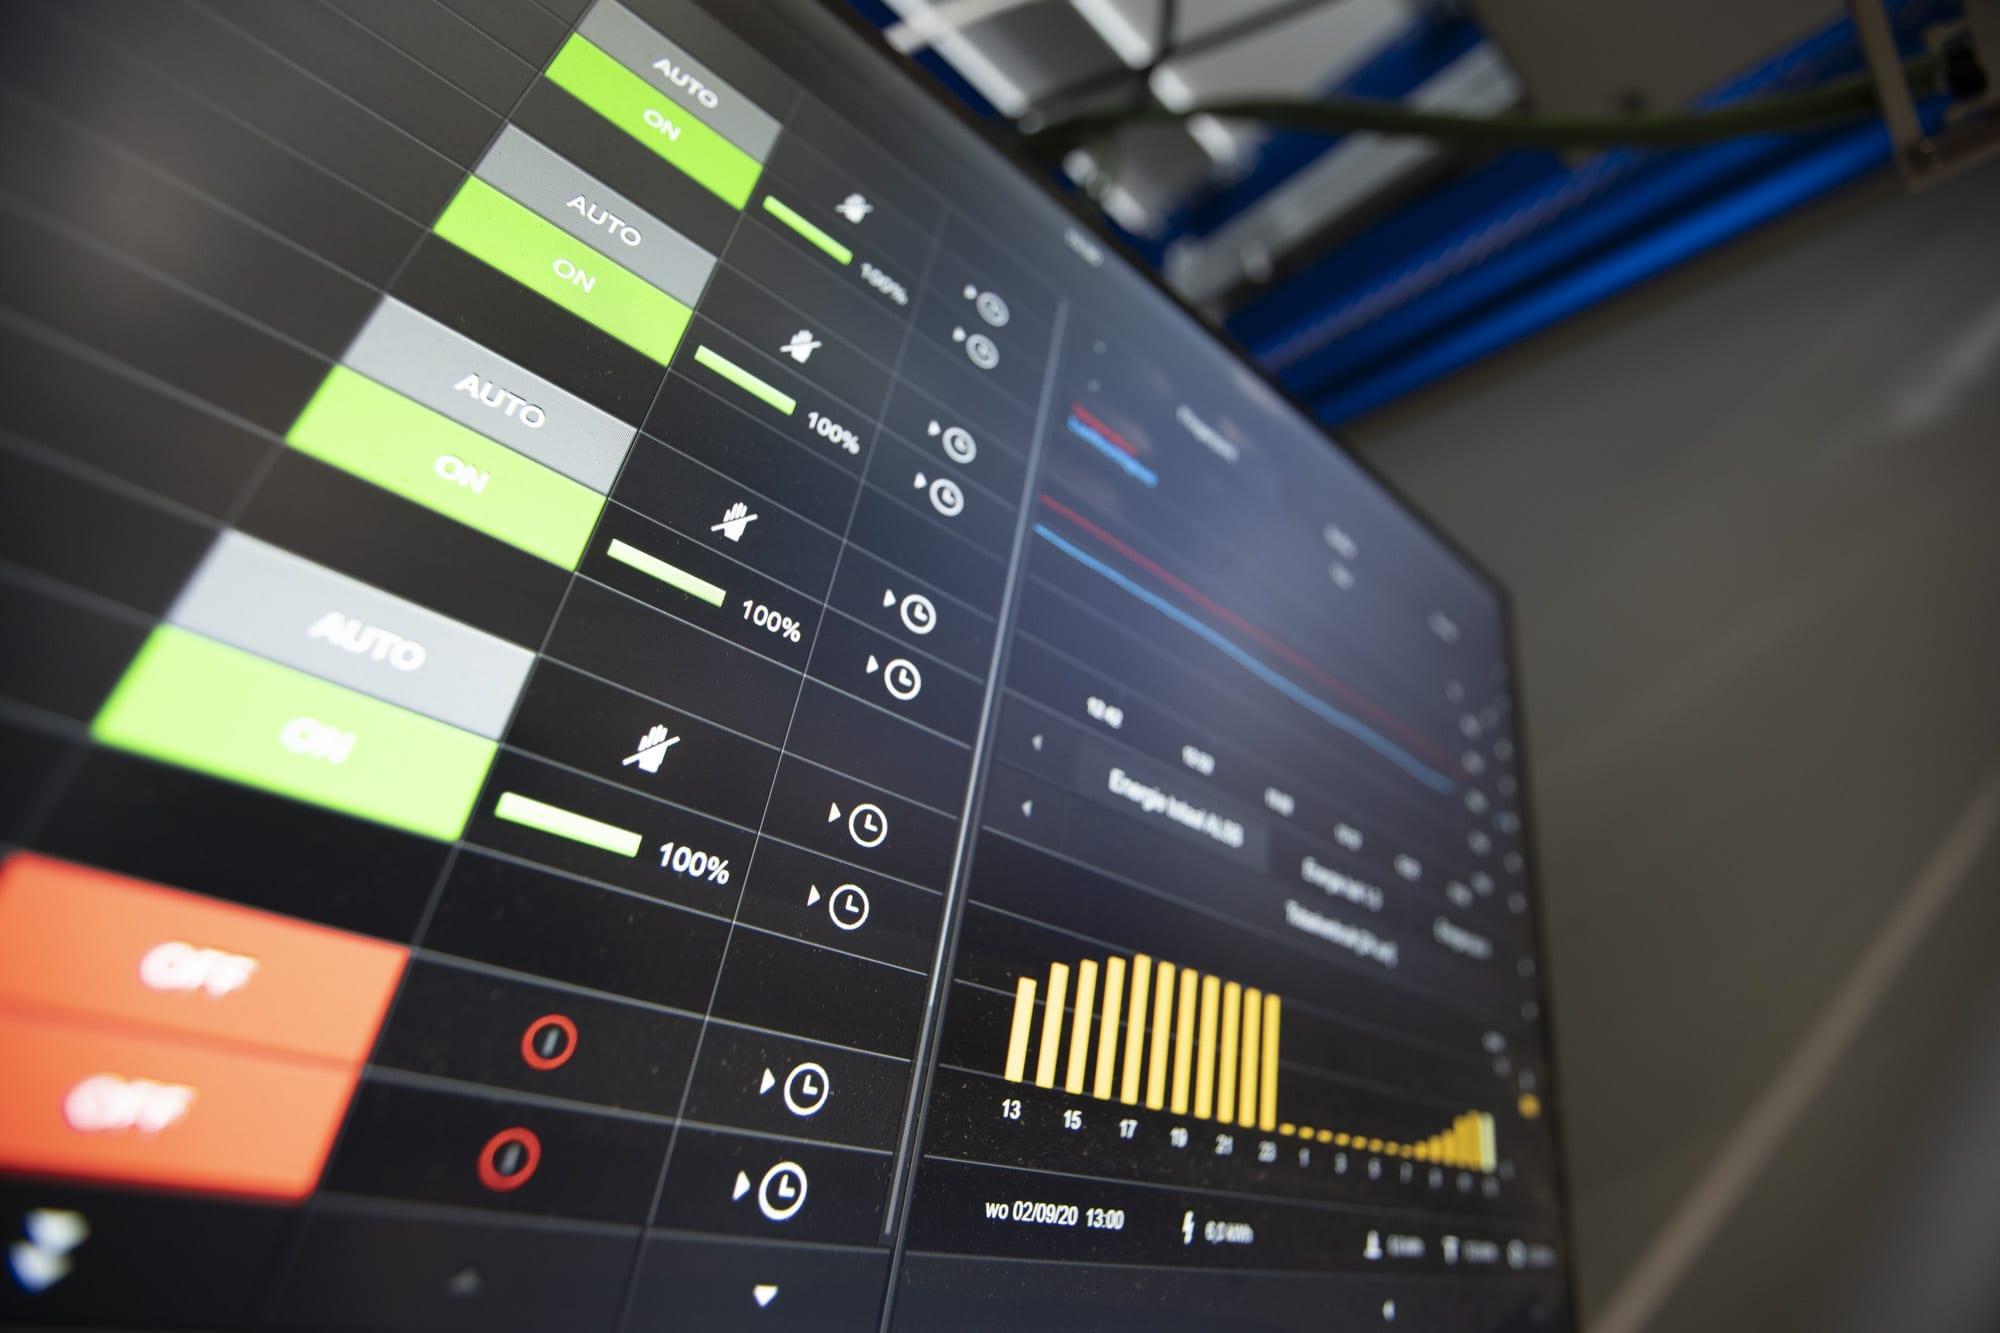 KNX visualisatie bij IDE WOODS. Een realisatie van Veritec